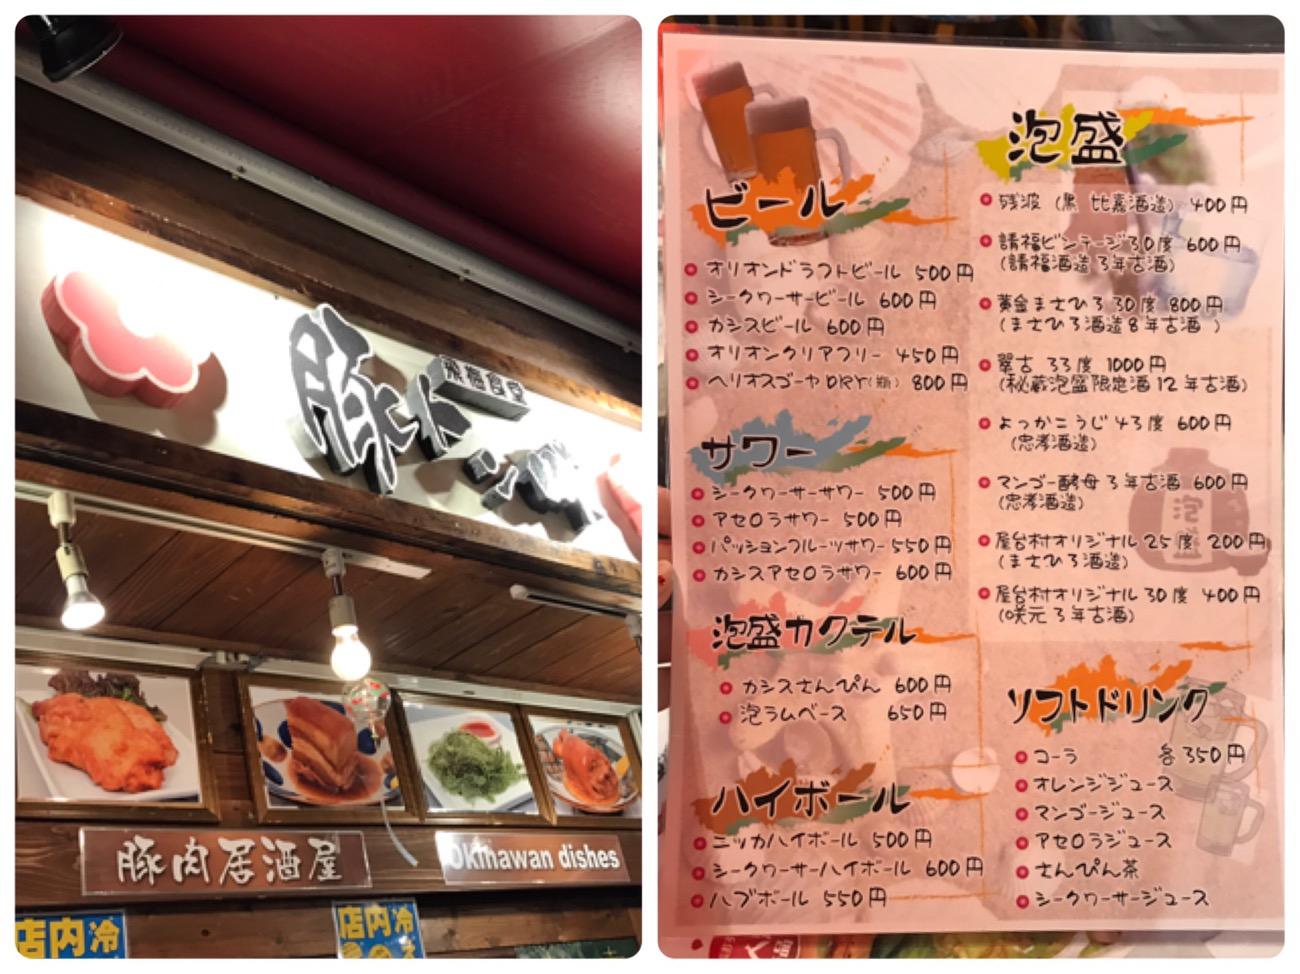 国際通り屋台村 豚トン味メニュー 1人ブログ